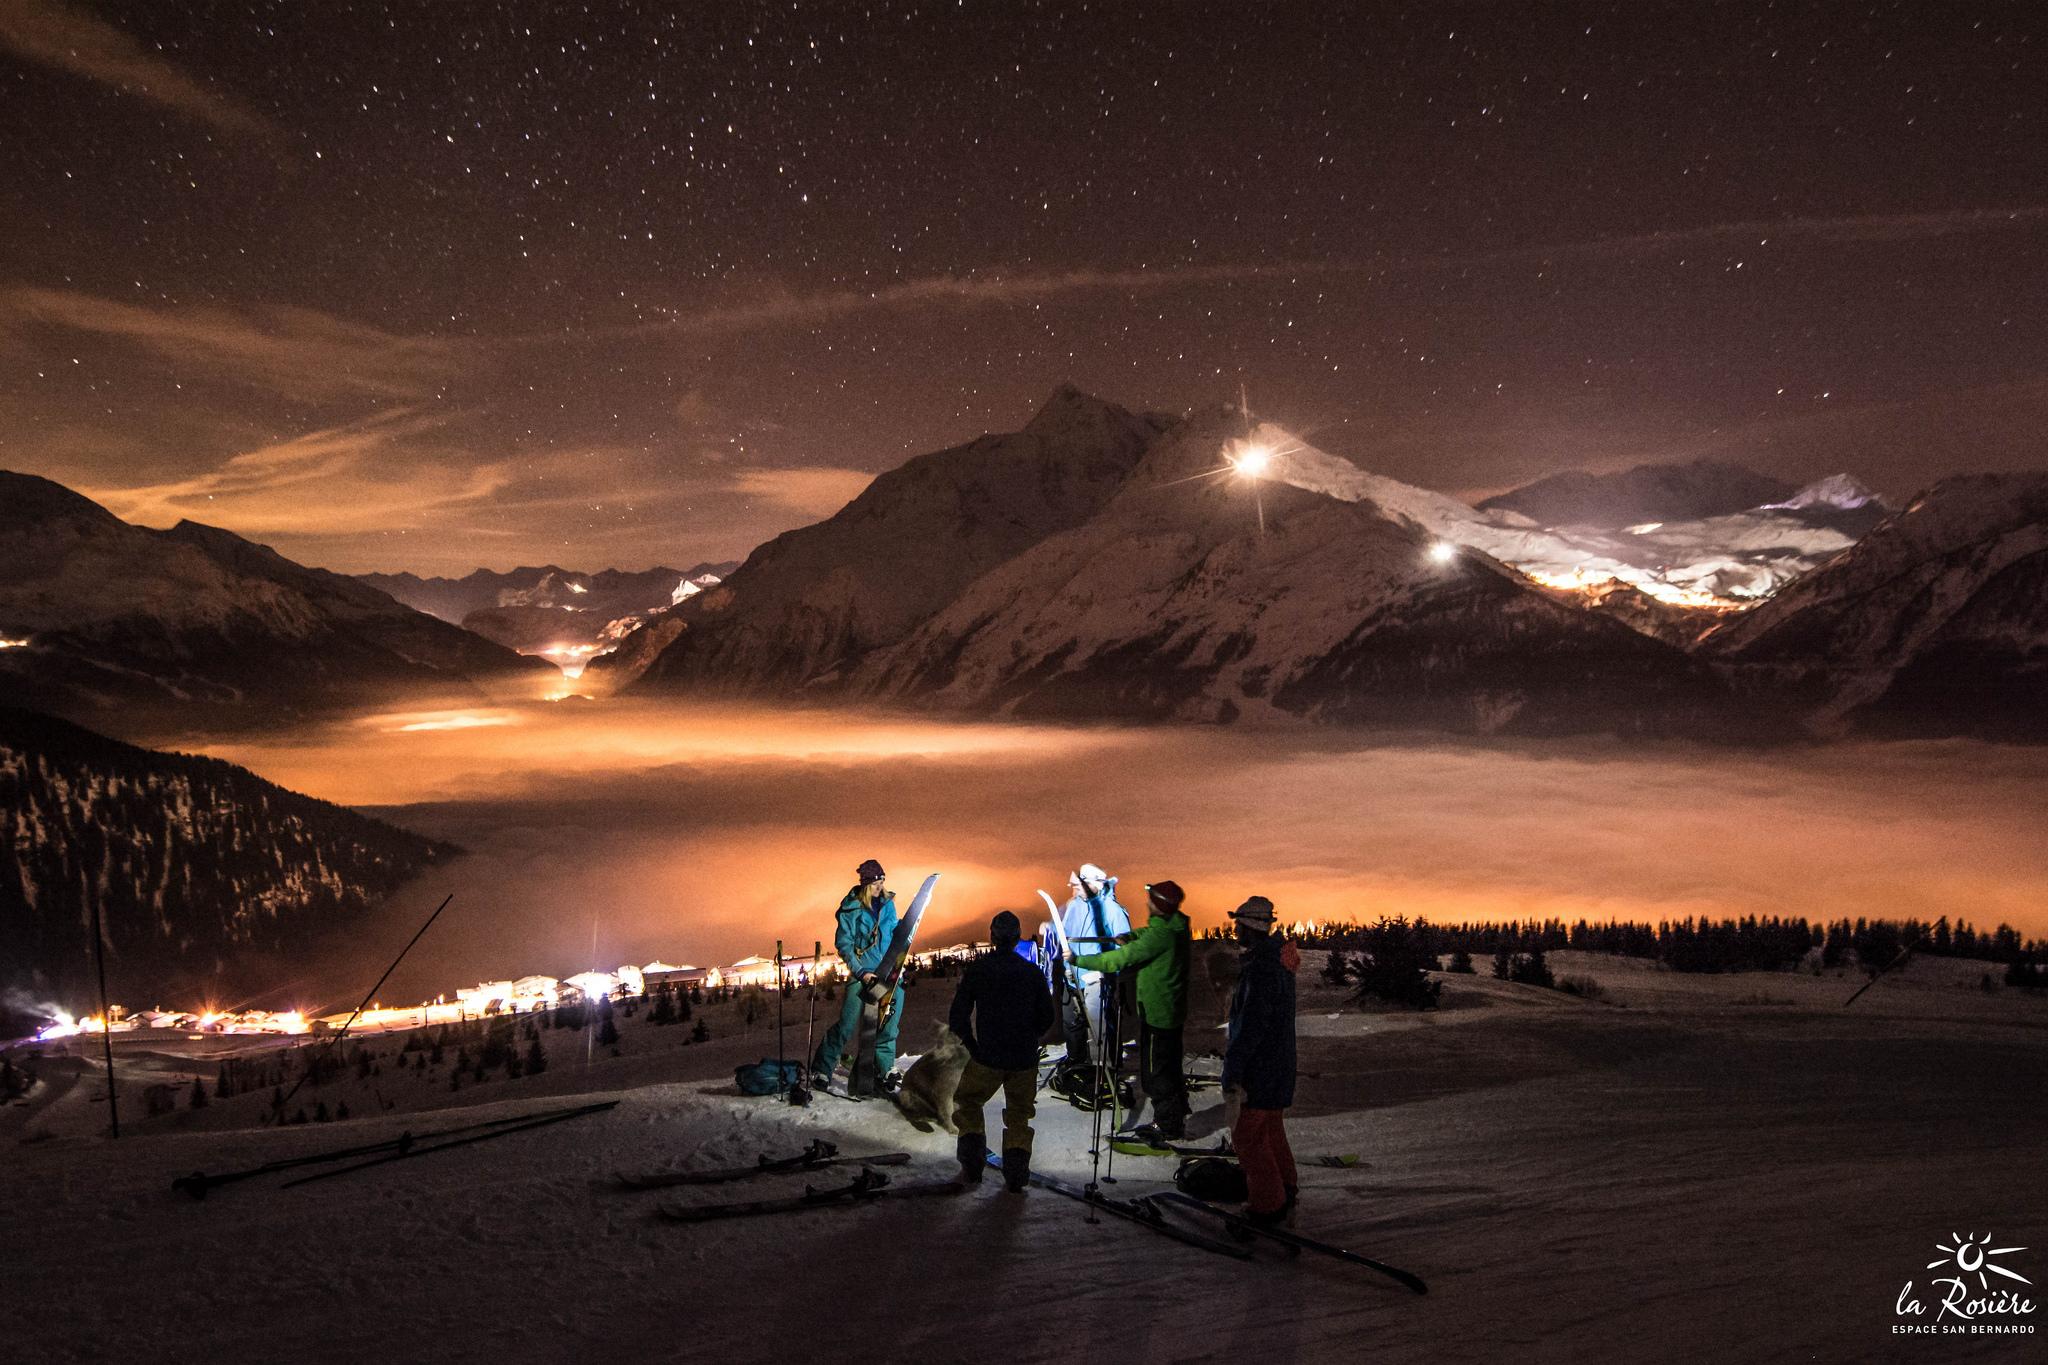 Sortie ski de randonnée nocturne à La Rosière